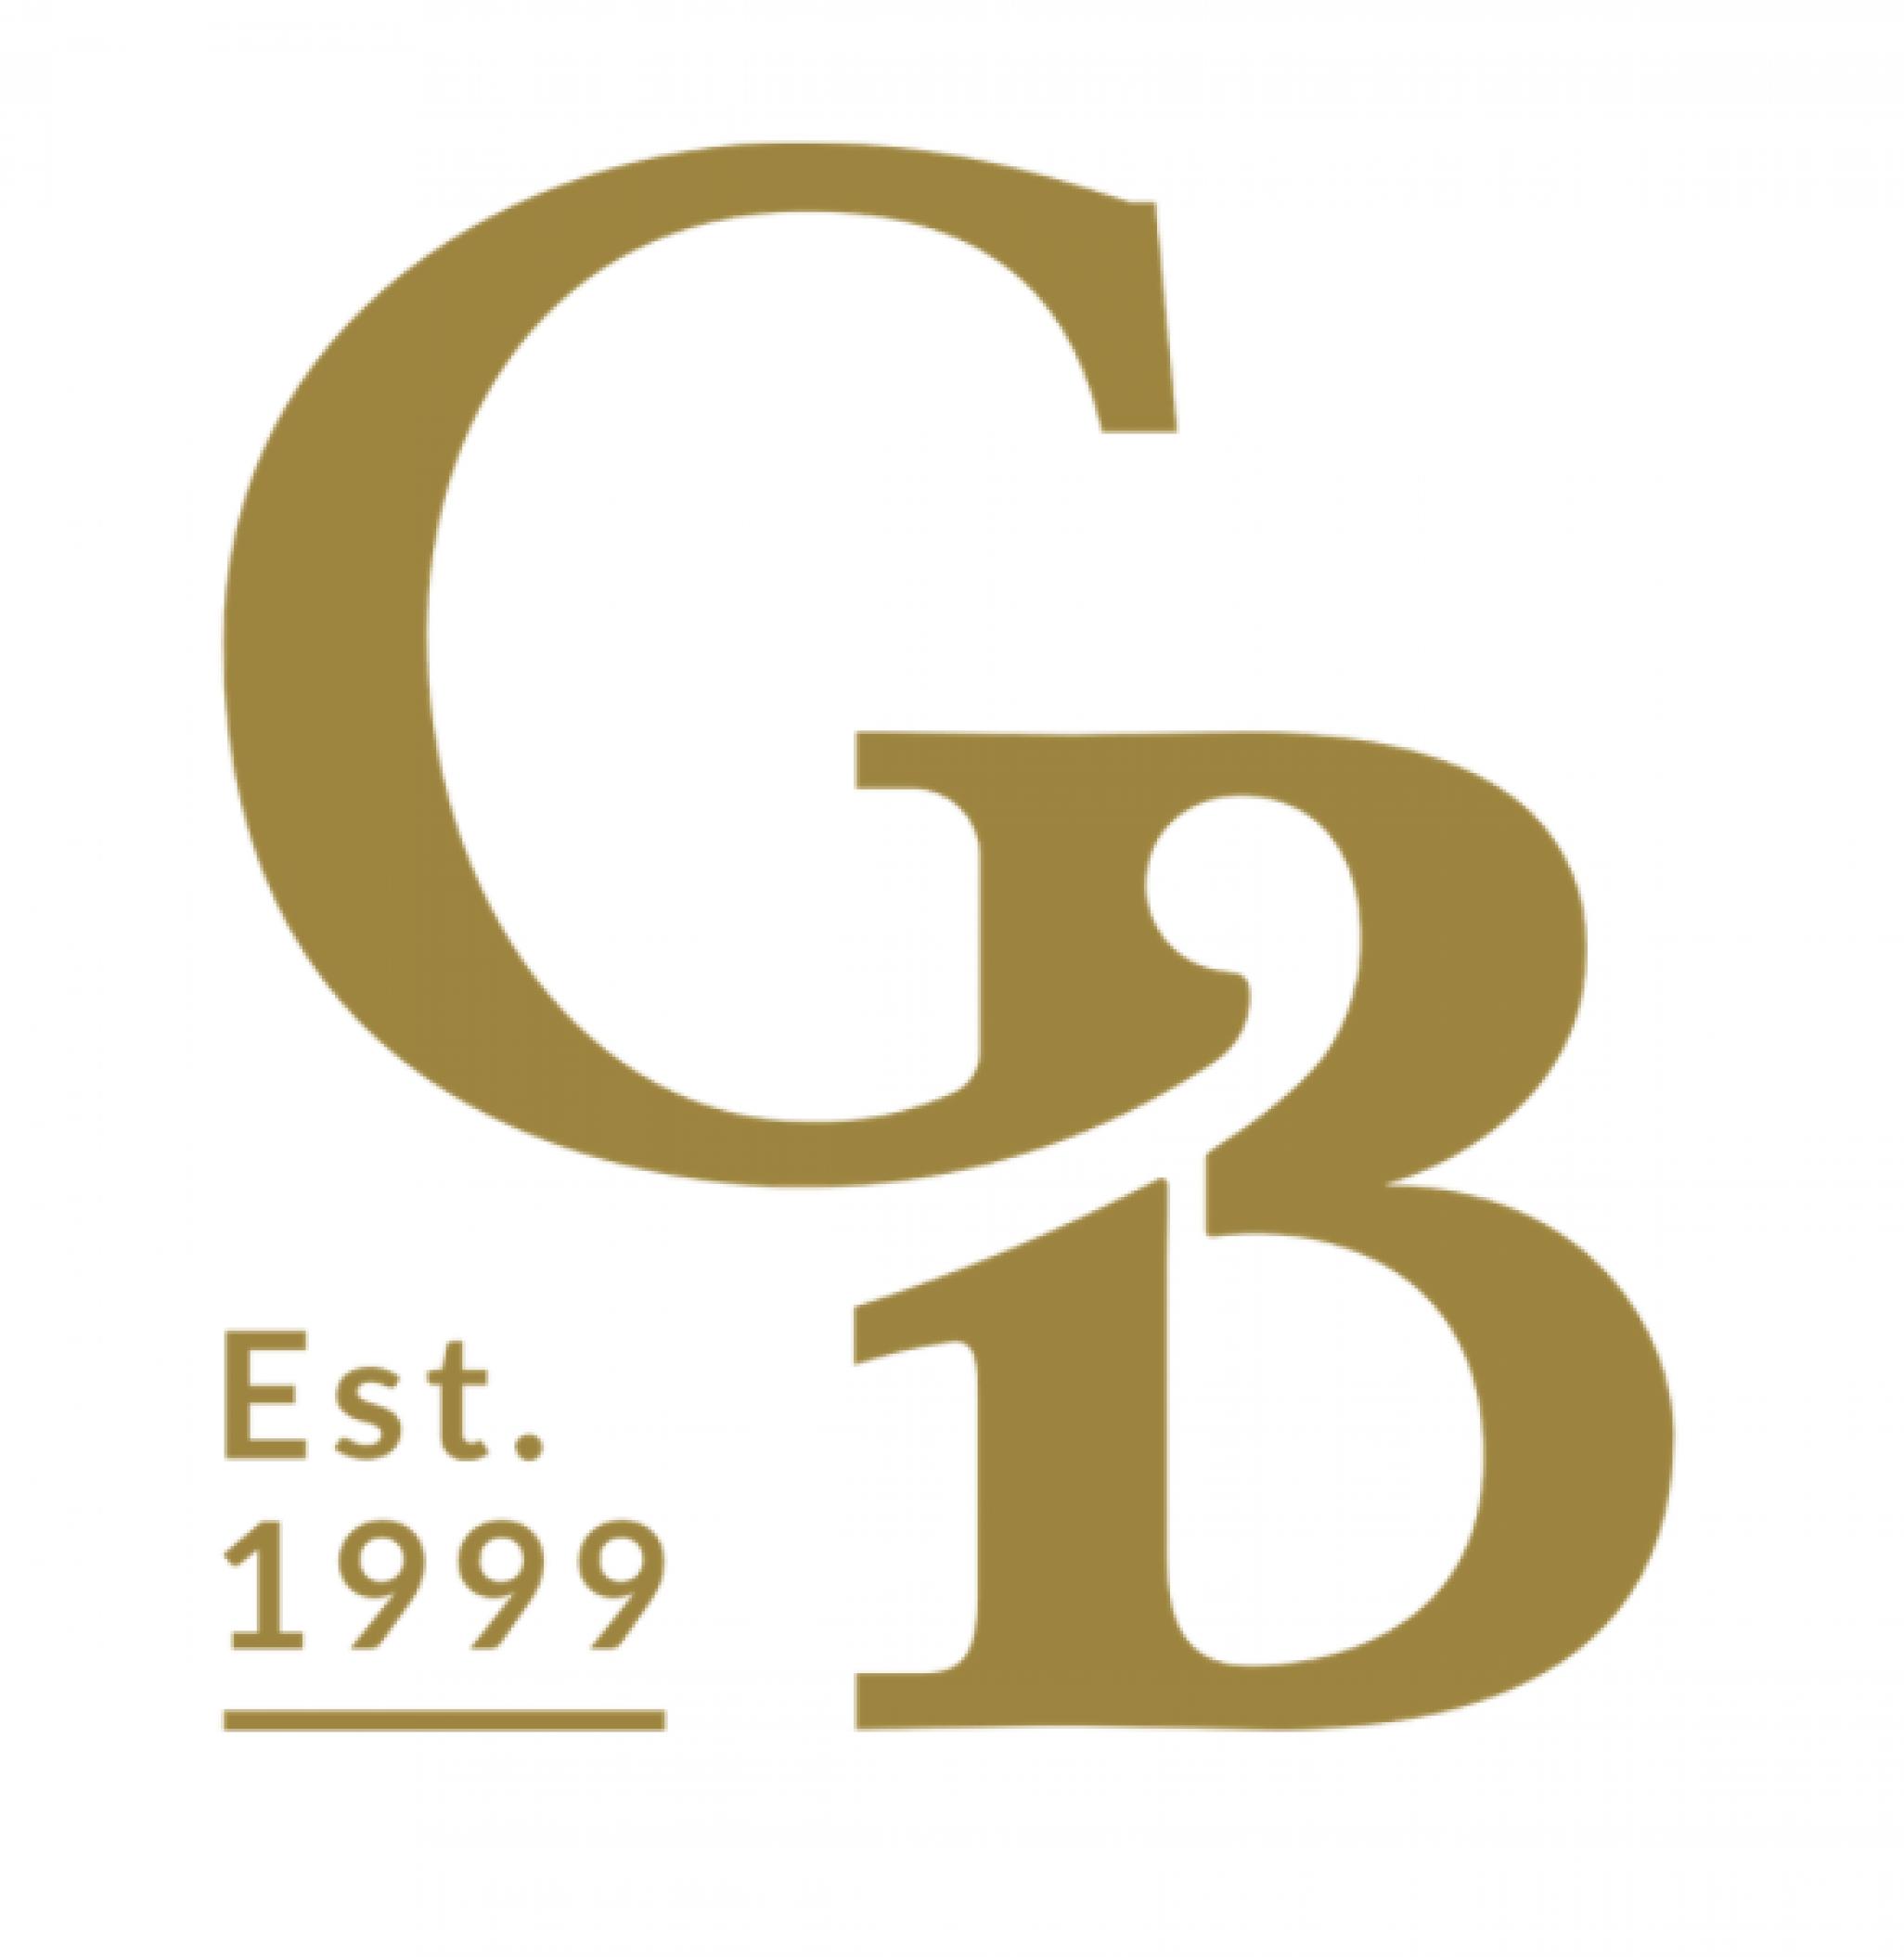 GOLDSBORO BOOKS OPENS NEW BRANCH IN BRIGHTON